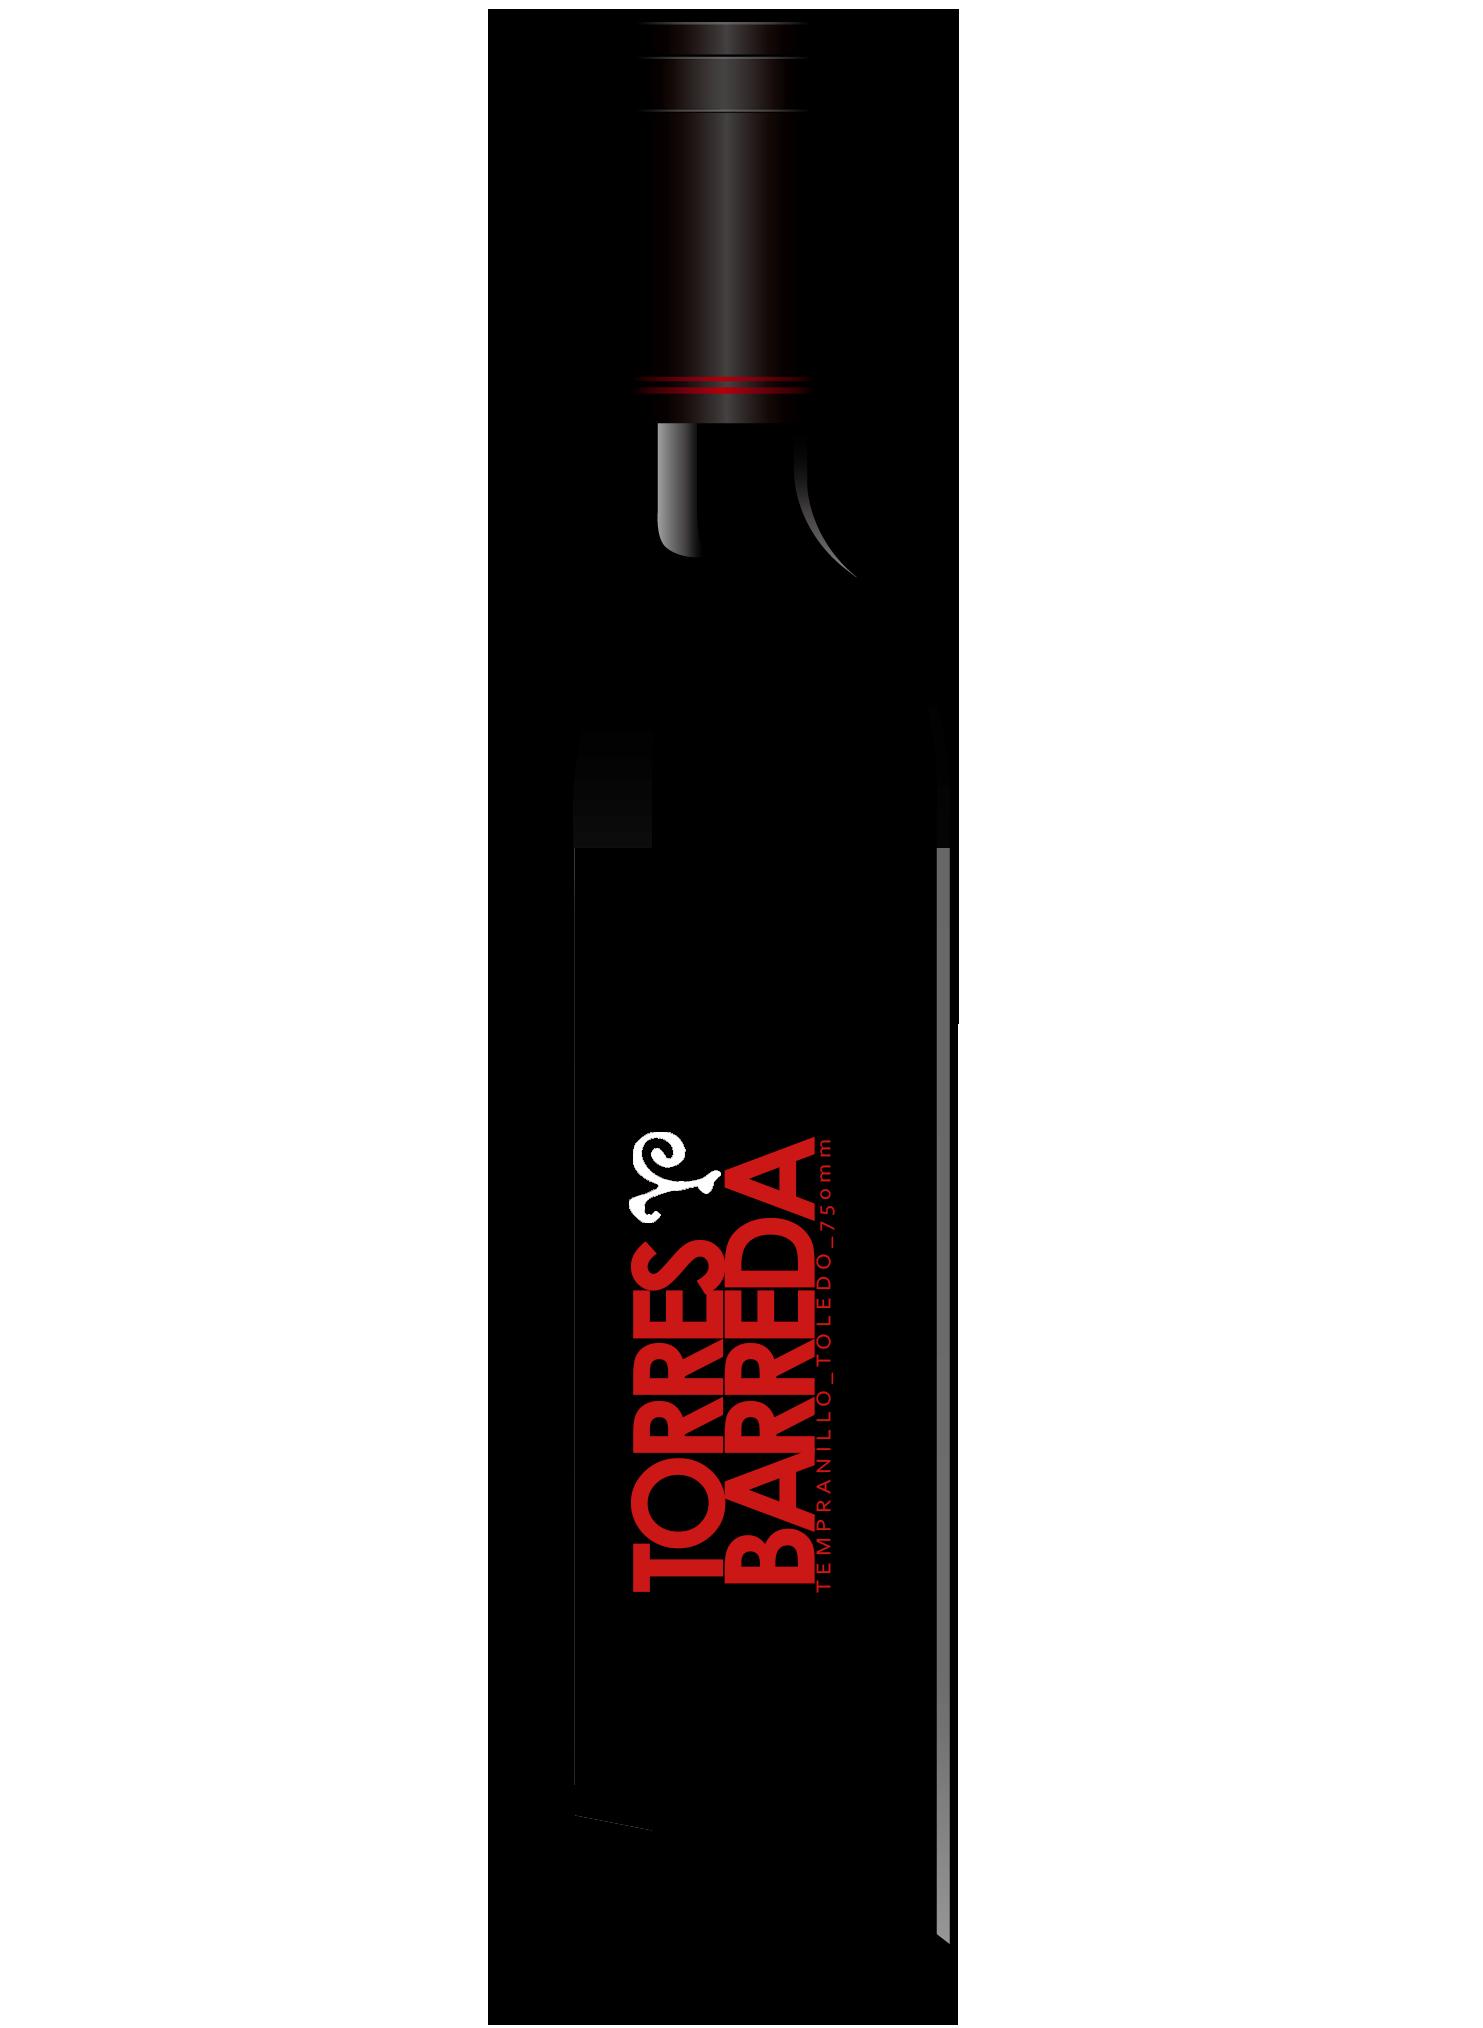 Botella_3_pablo_madrid_torres_de_barreda